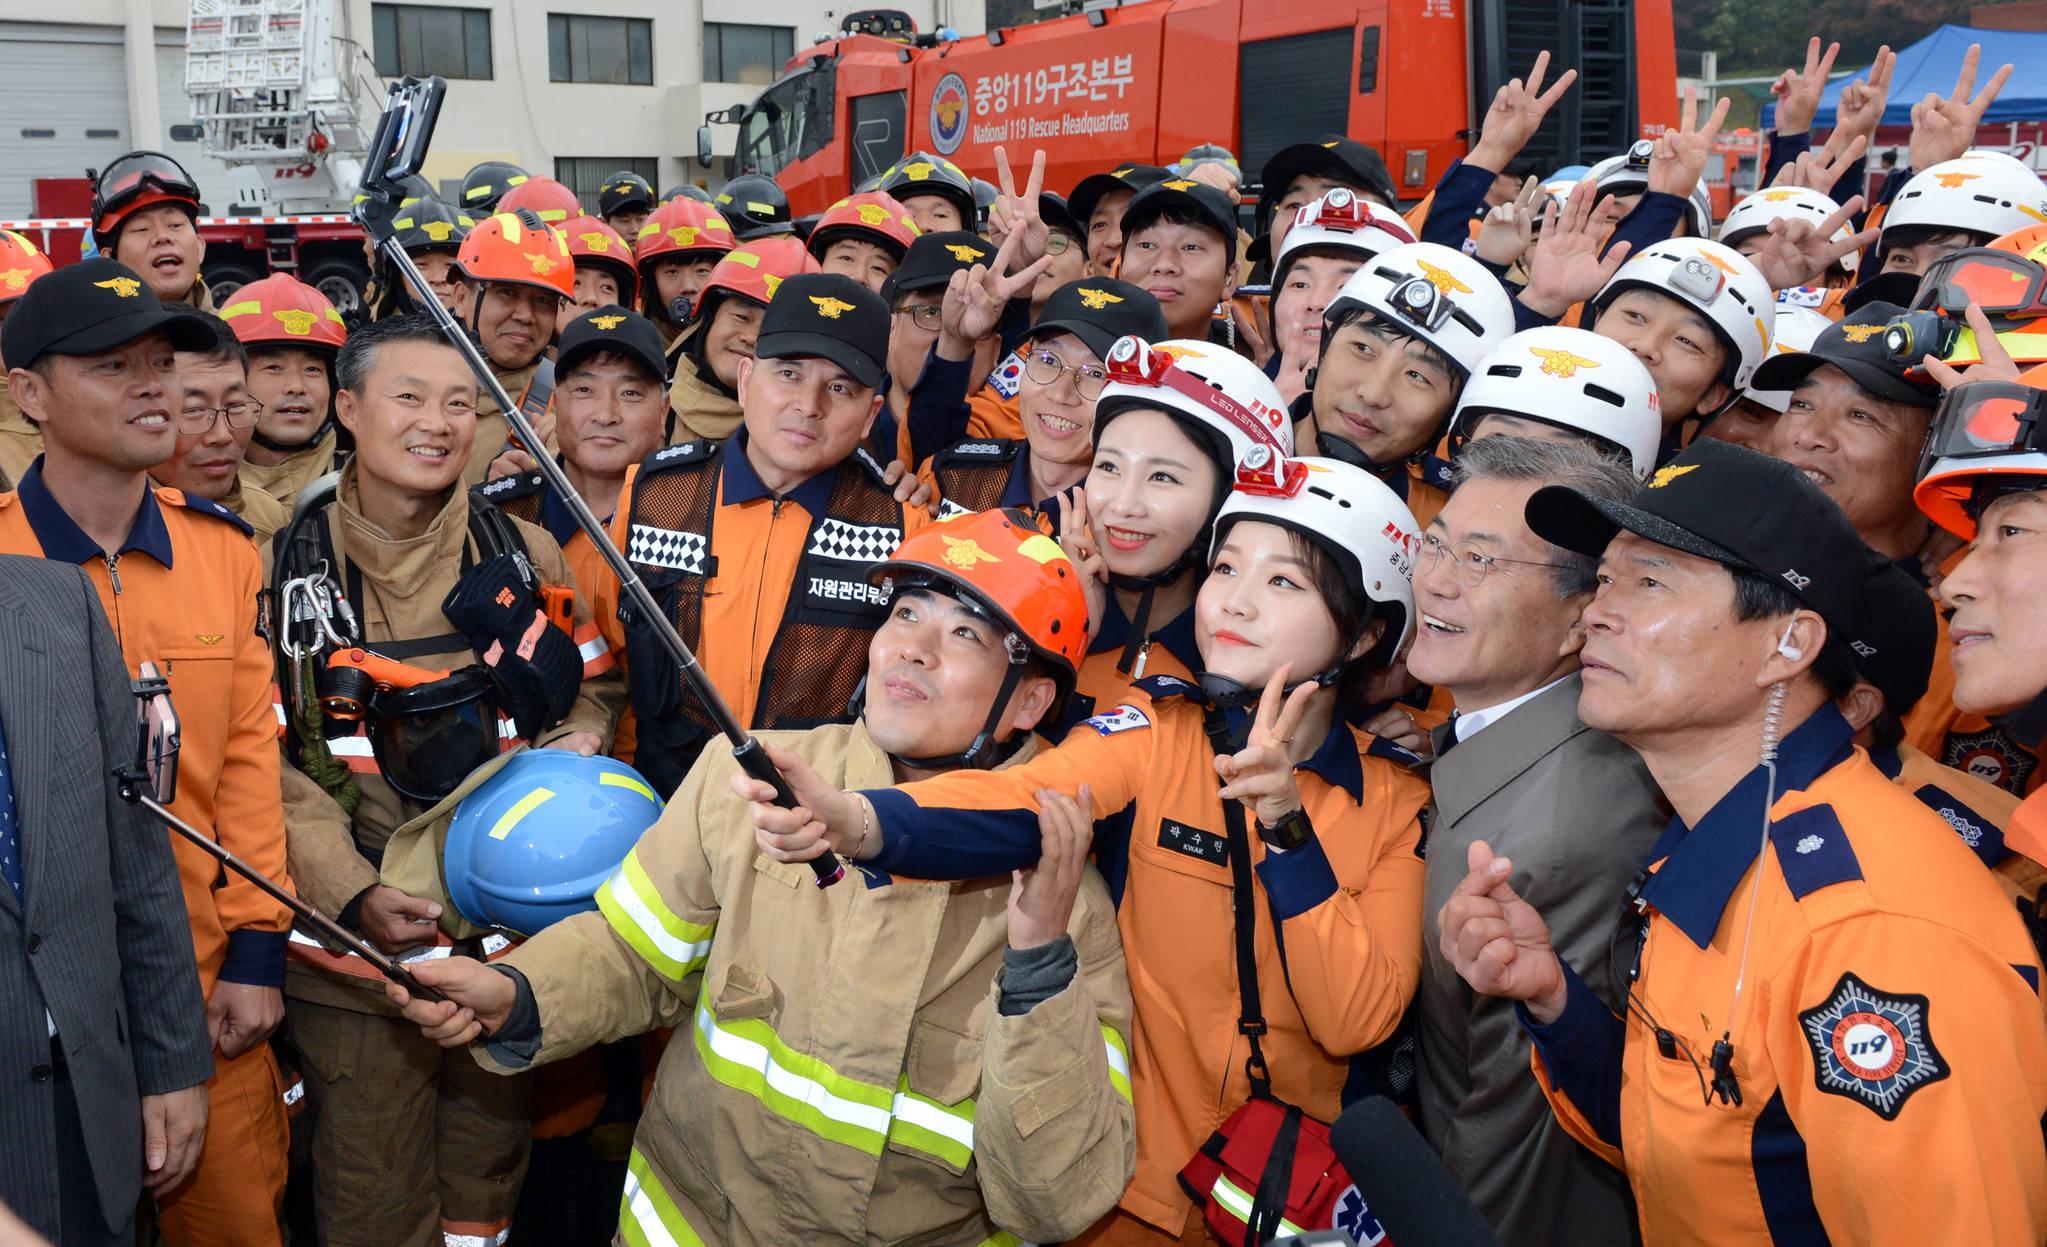 문재인 대통령이 지난해 11월3일 충남 천안 소방학교에서 열린 소방의 날 행사에서 소방관들과 기념촬영을 하고 있다. 김상선 기자